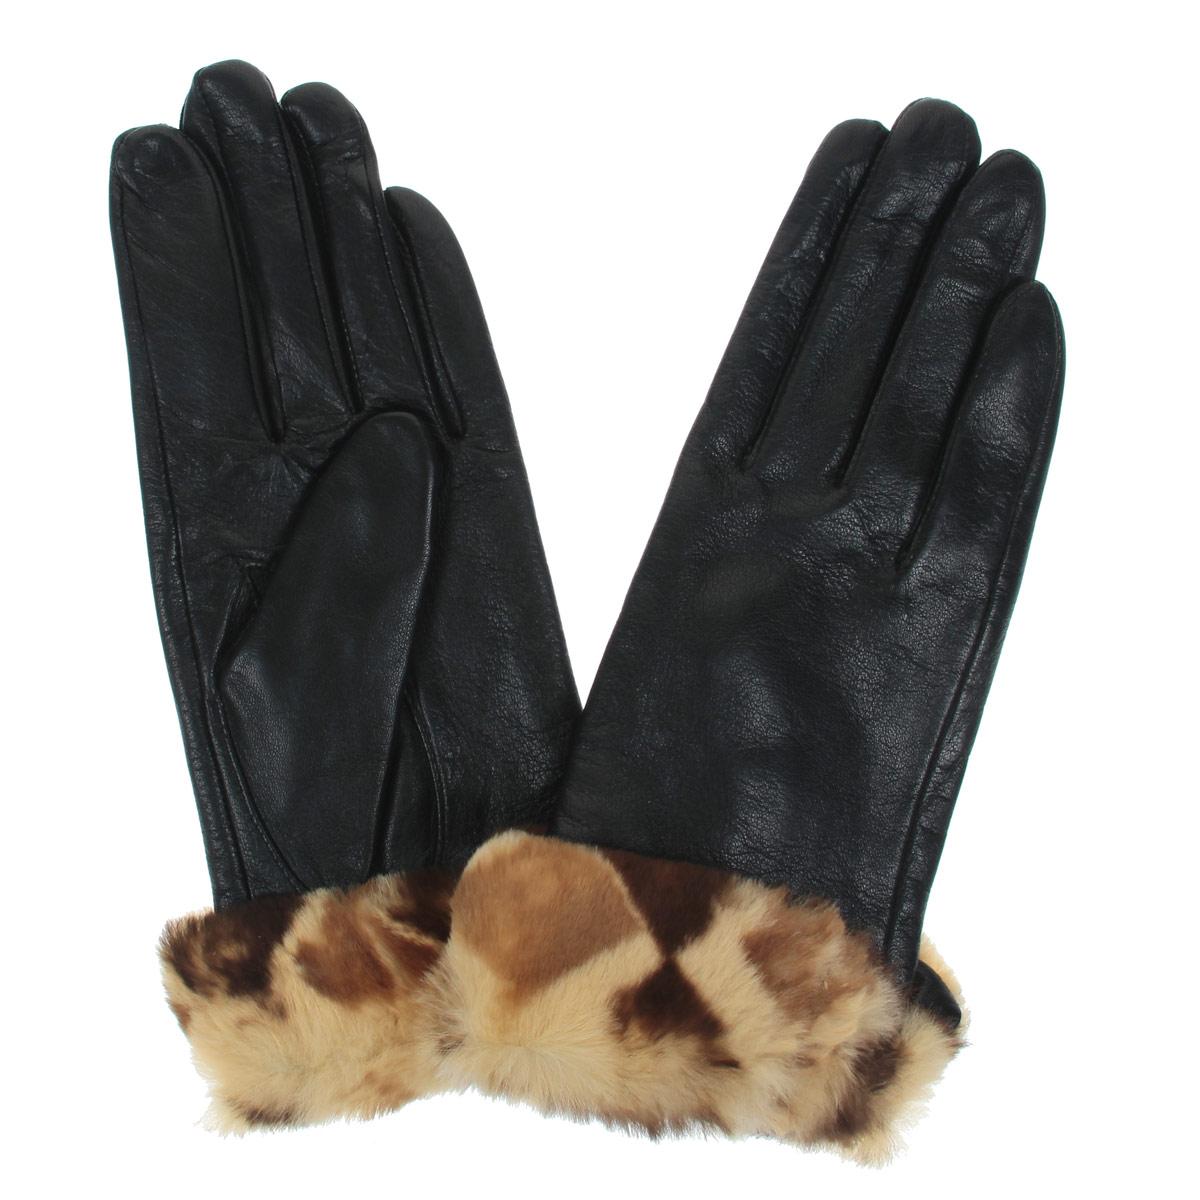 Перчатки женские. L-20L-20Стильные женские перчатки Falner заинтригуют любого мужчину и заставят завидовать любую женщину. Они не только защитят ваши руки от холода, но и станут великолепным украшением. Модель изготовлена из мягкой натуральной кожи с флисовой подкладкой. Изделие оформлено отворотом, декорированным мехом кролика. На внешнем боку имеется небольшой разрез. Перчатки являются неотъемлемой принадлежностью одежды, вместе с этим аксессуаром вы обретаете женственность и элегантность. Они станут завершающим и подчеркивающим элементом вашего неповторимого стиля и индивидуальности.